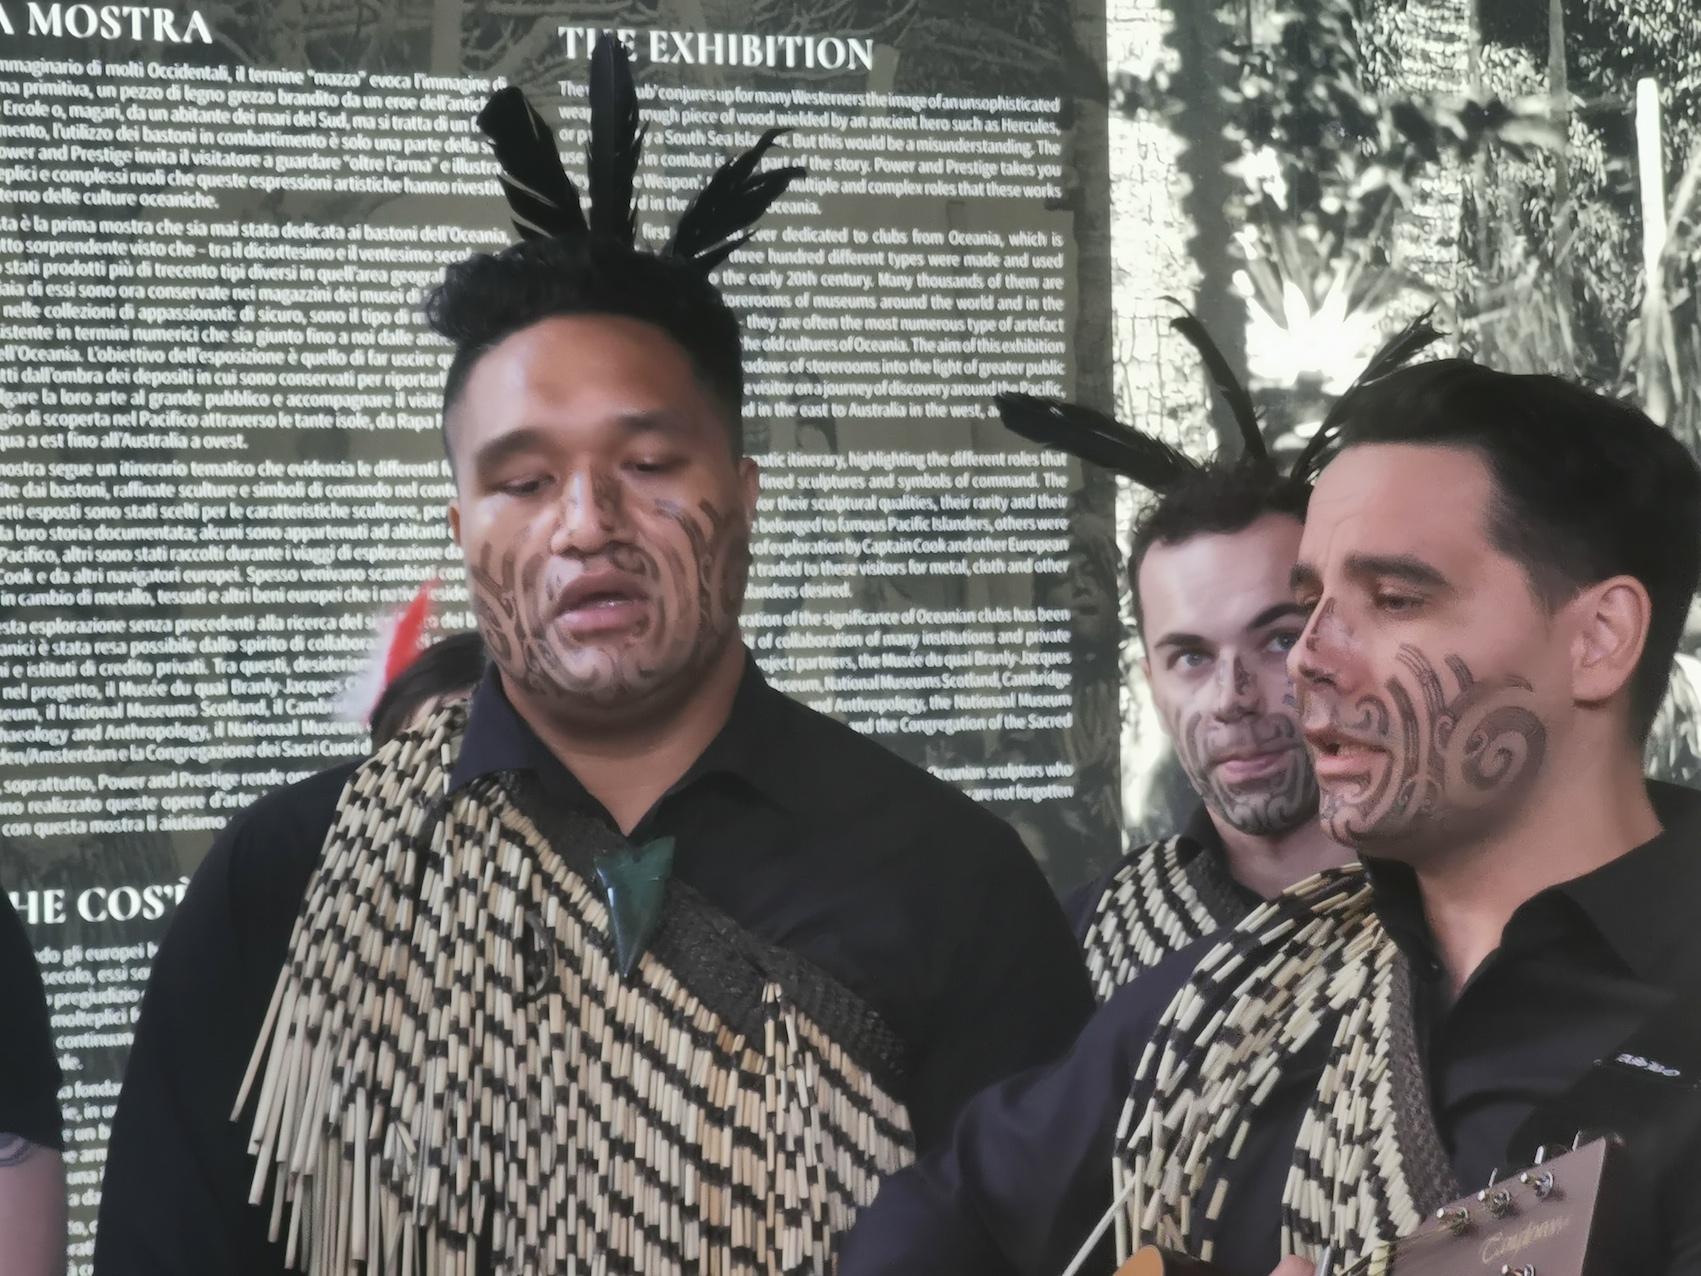 Haka Haka a Venezia. Spettacolo Maori a Venezia alla preview della mostra Power & Prestige